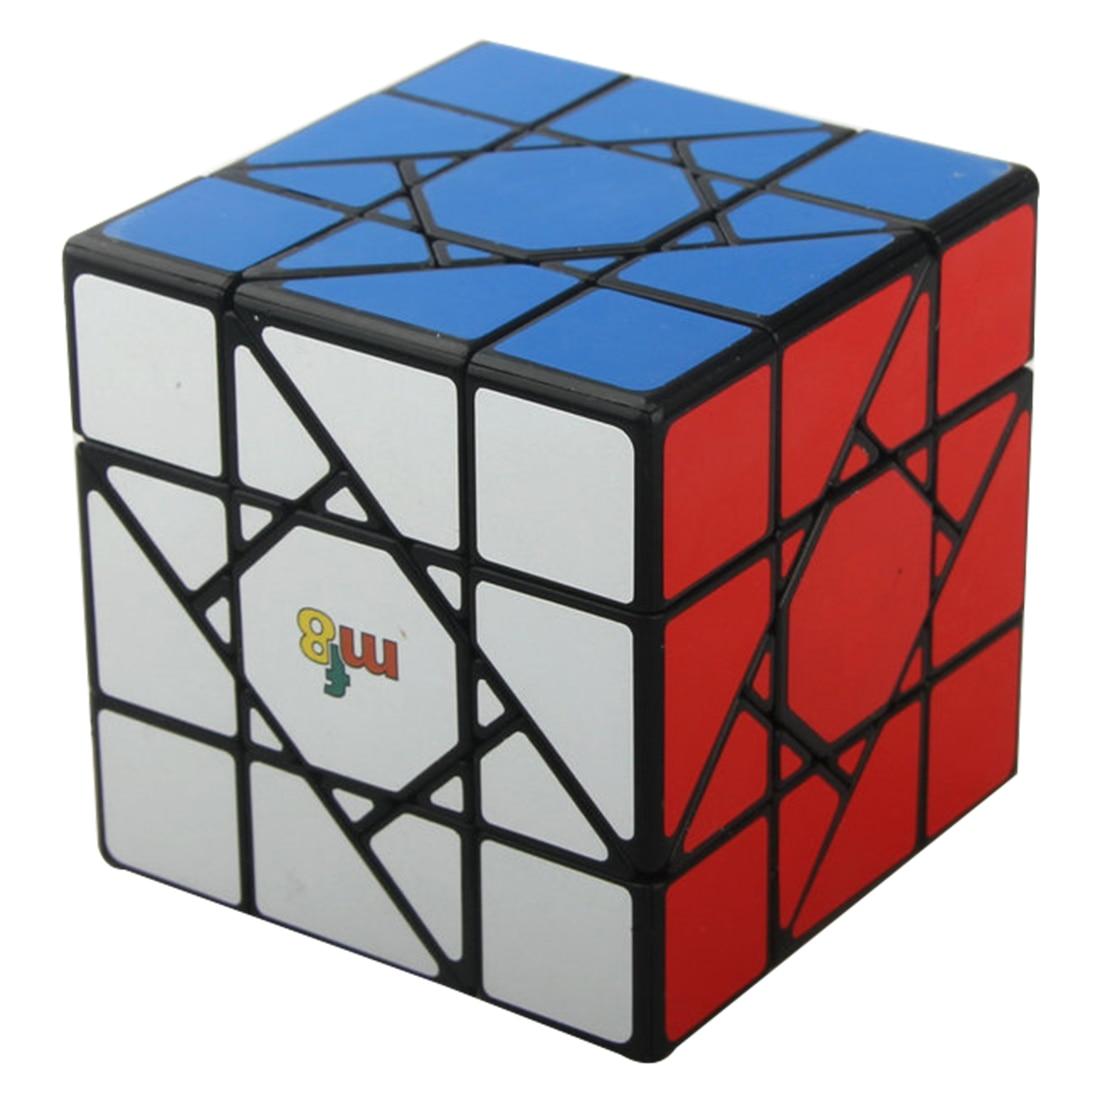 MF8 Soleil Cube Légende 3x3x3 Magic Cube Casse-tête Puzzle Jouet (Bandée) -noir-base